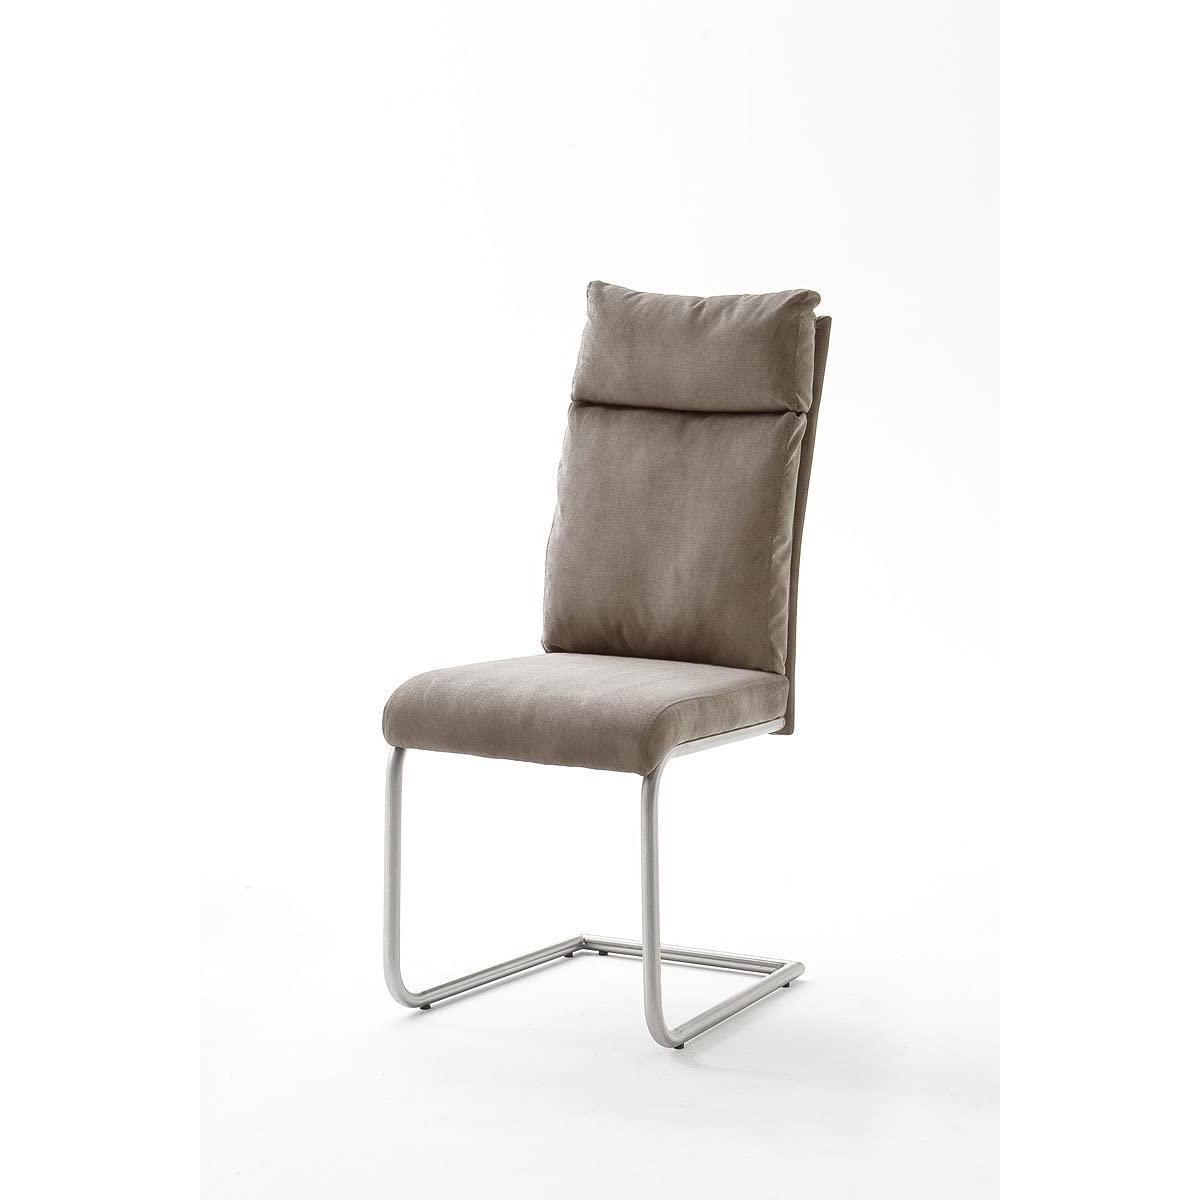 Pegane Lot de 2 chaises de salle à manger en acier et tissu aspect cuir vintage sable - L.45 x H.106 x P.62 cm -PEGANE-